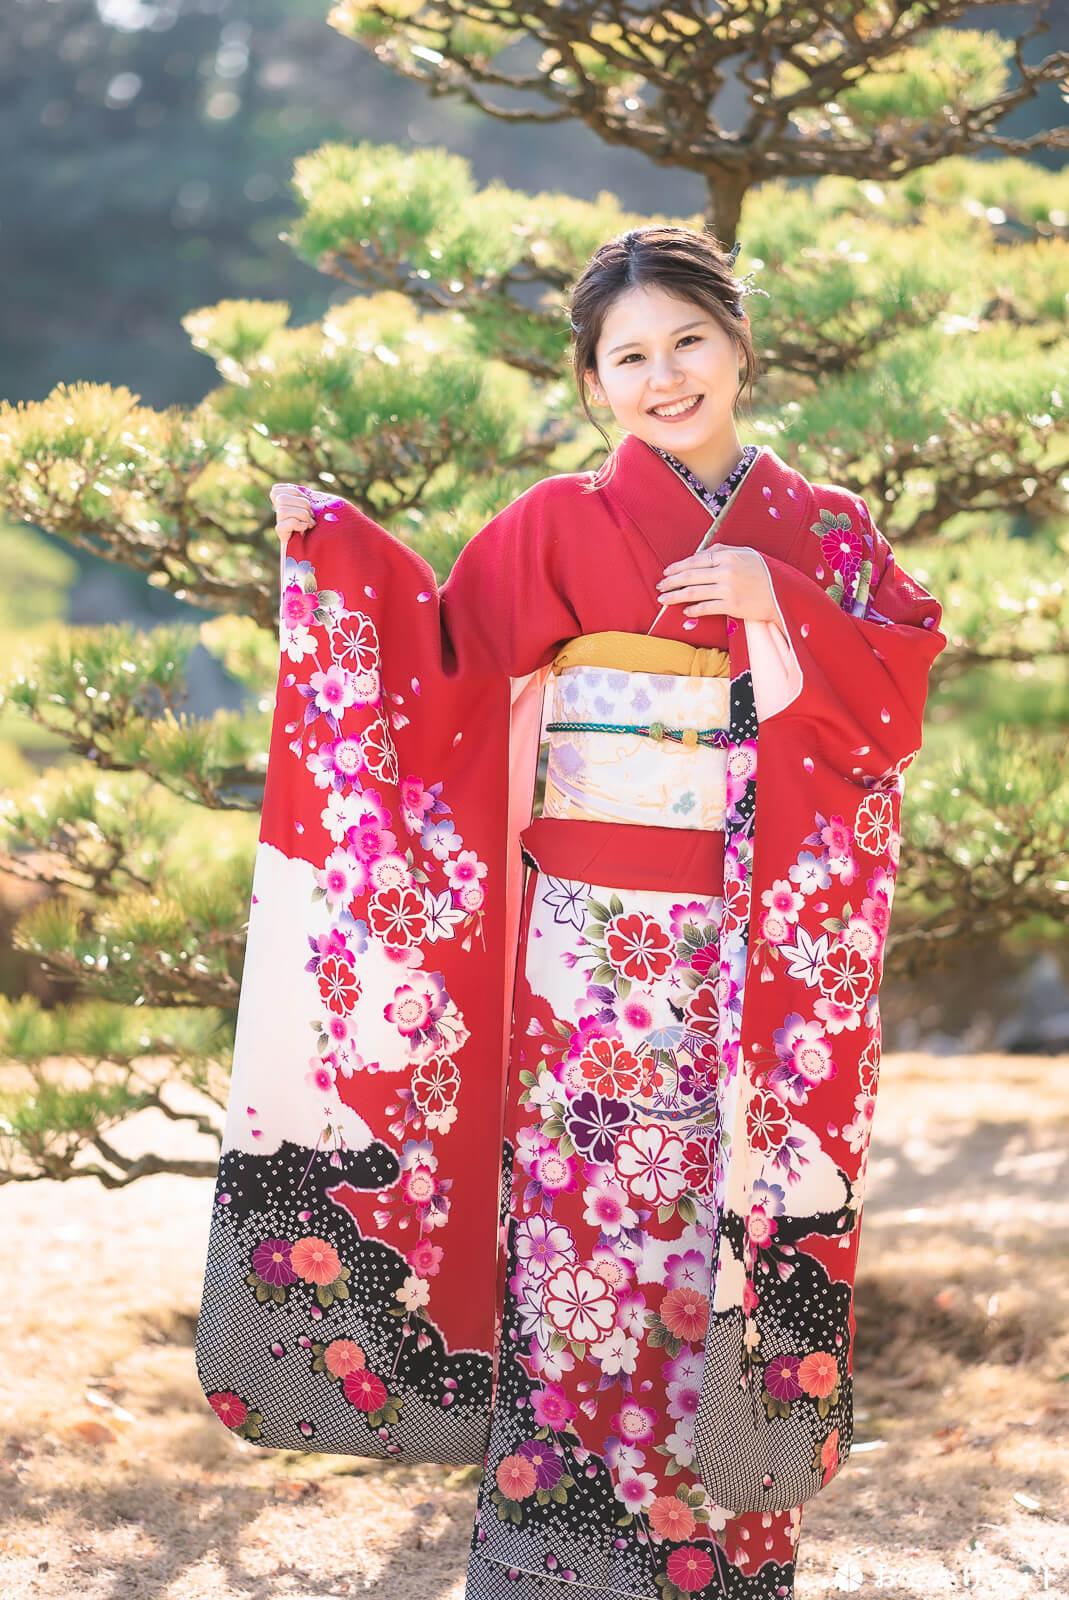 大濠公園日本庭園で成人式のロケーション前撮り